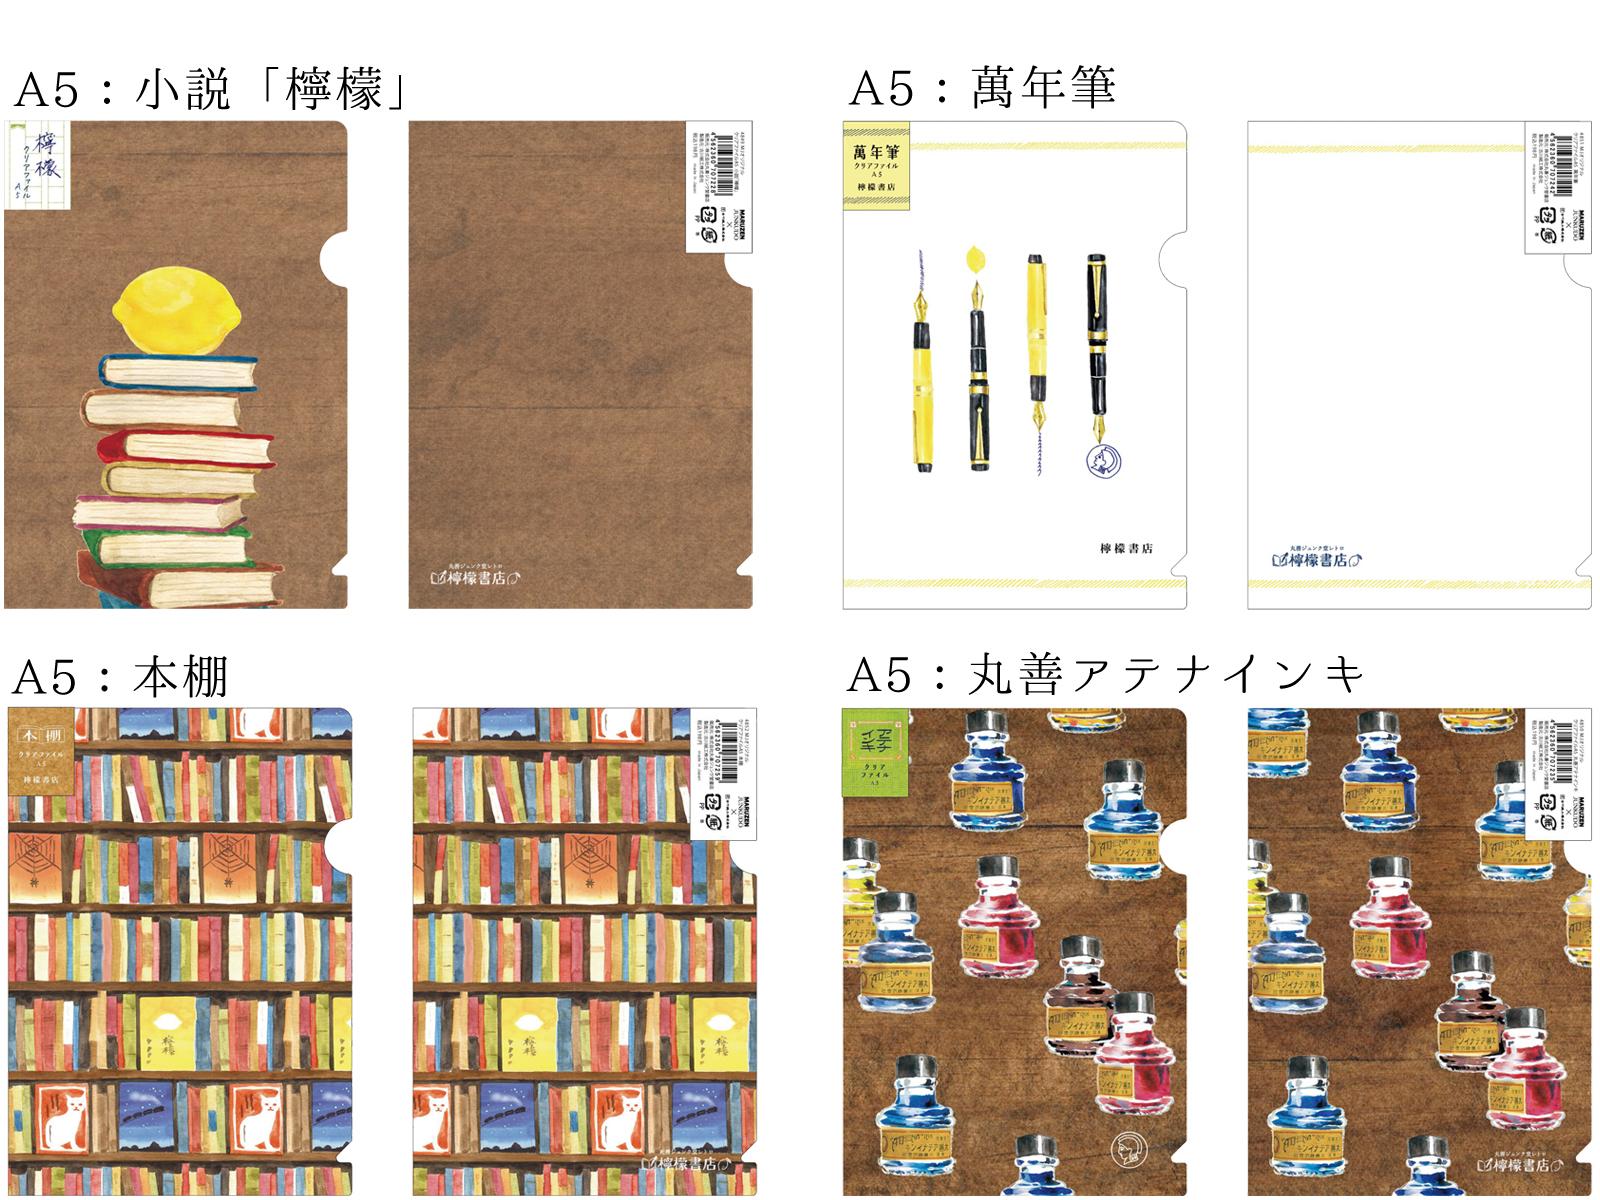 檸檬書店A5クリアファイル